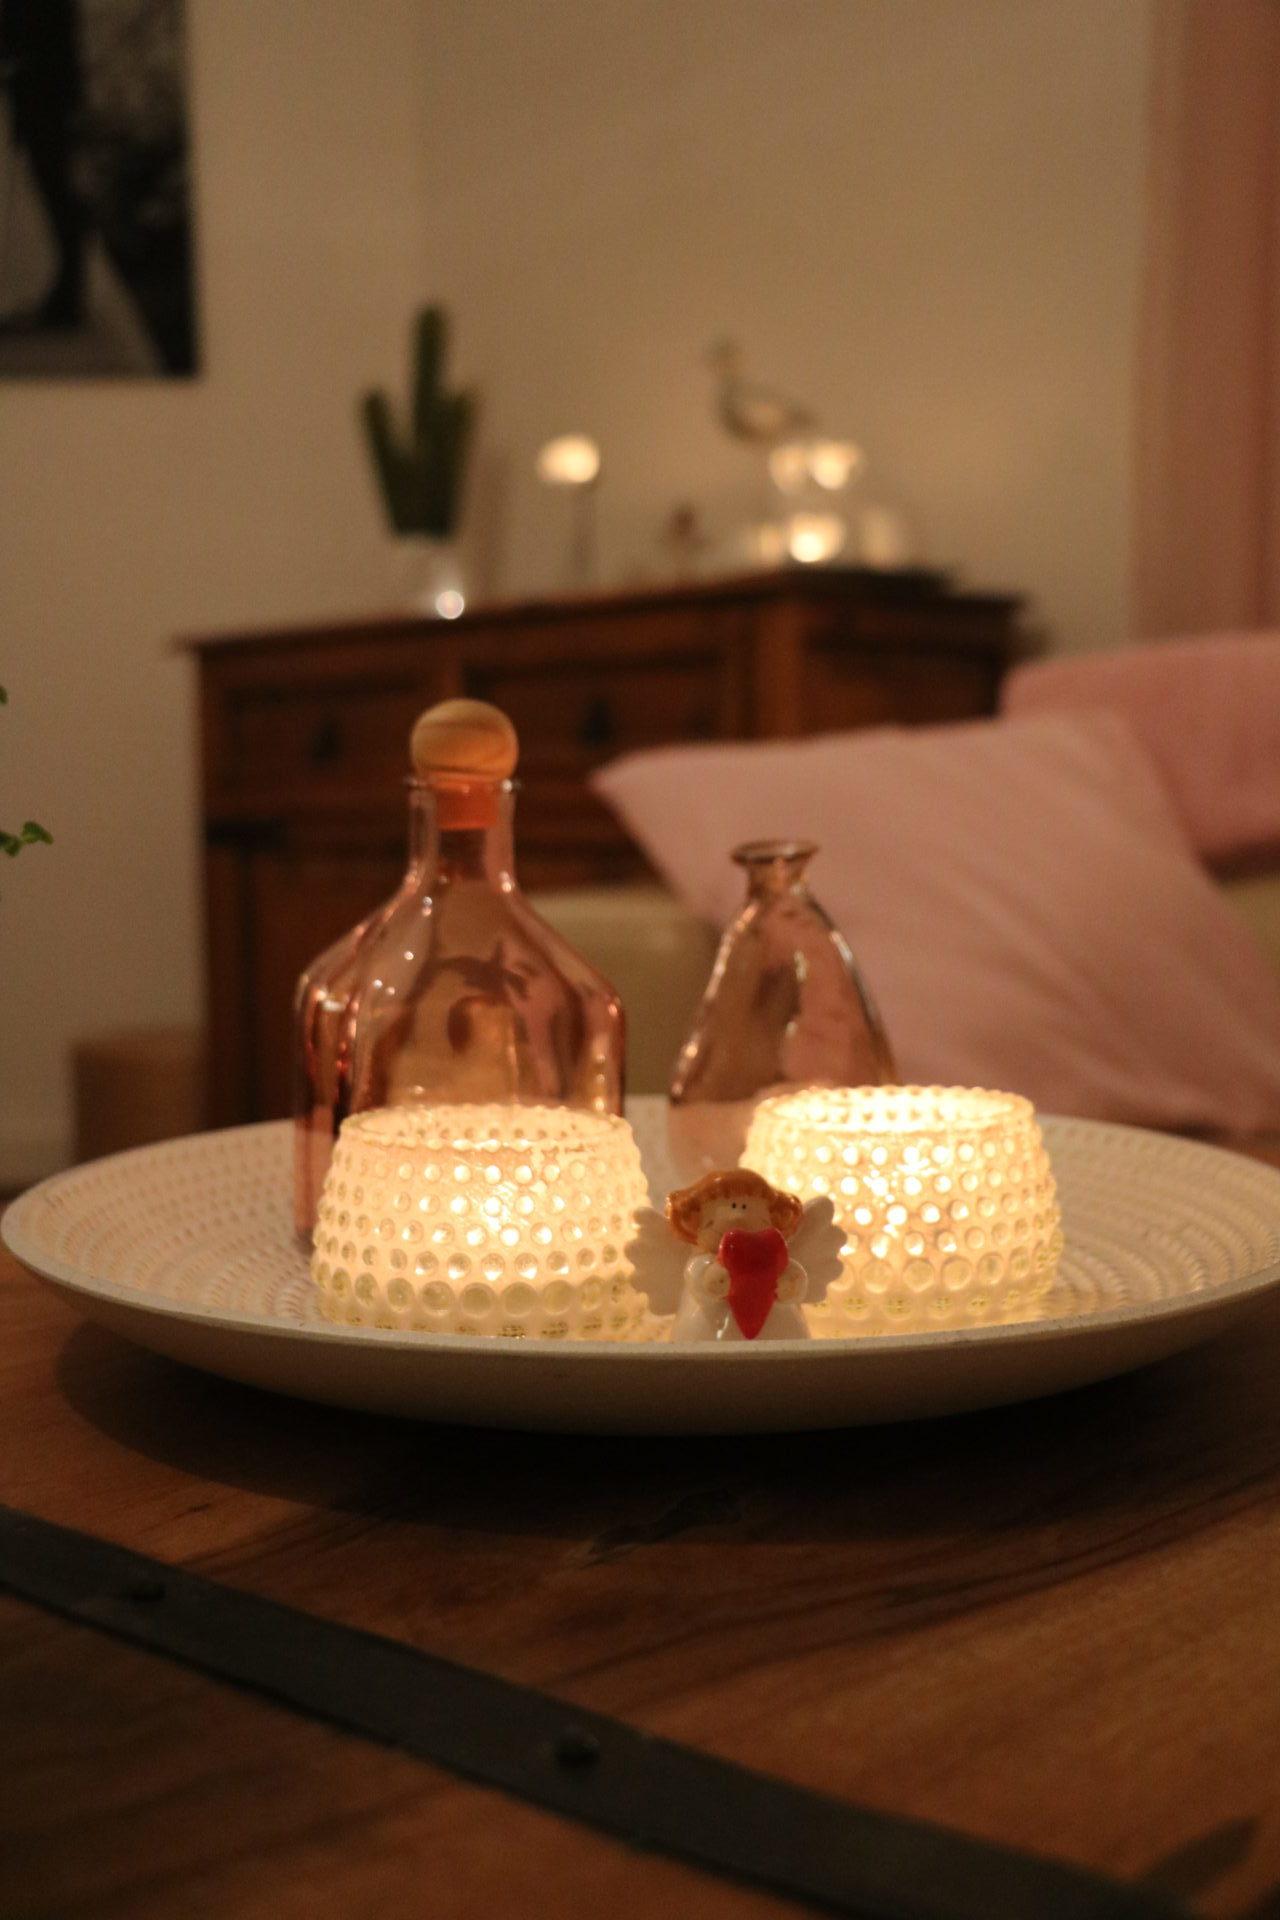 Det nyskapade stora sovrummet matchar resten av Ulrika Mattissons vackra lägenhet och ligger just intill vardagsrummet. Levande ljus och gröna växter bidrar till den harmoniska stämningen.